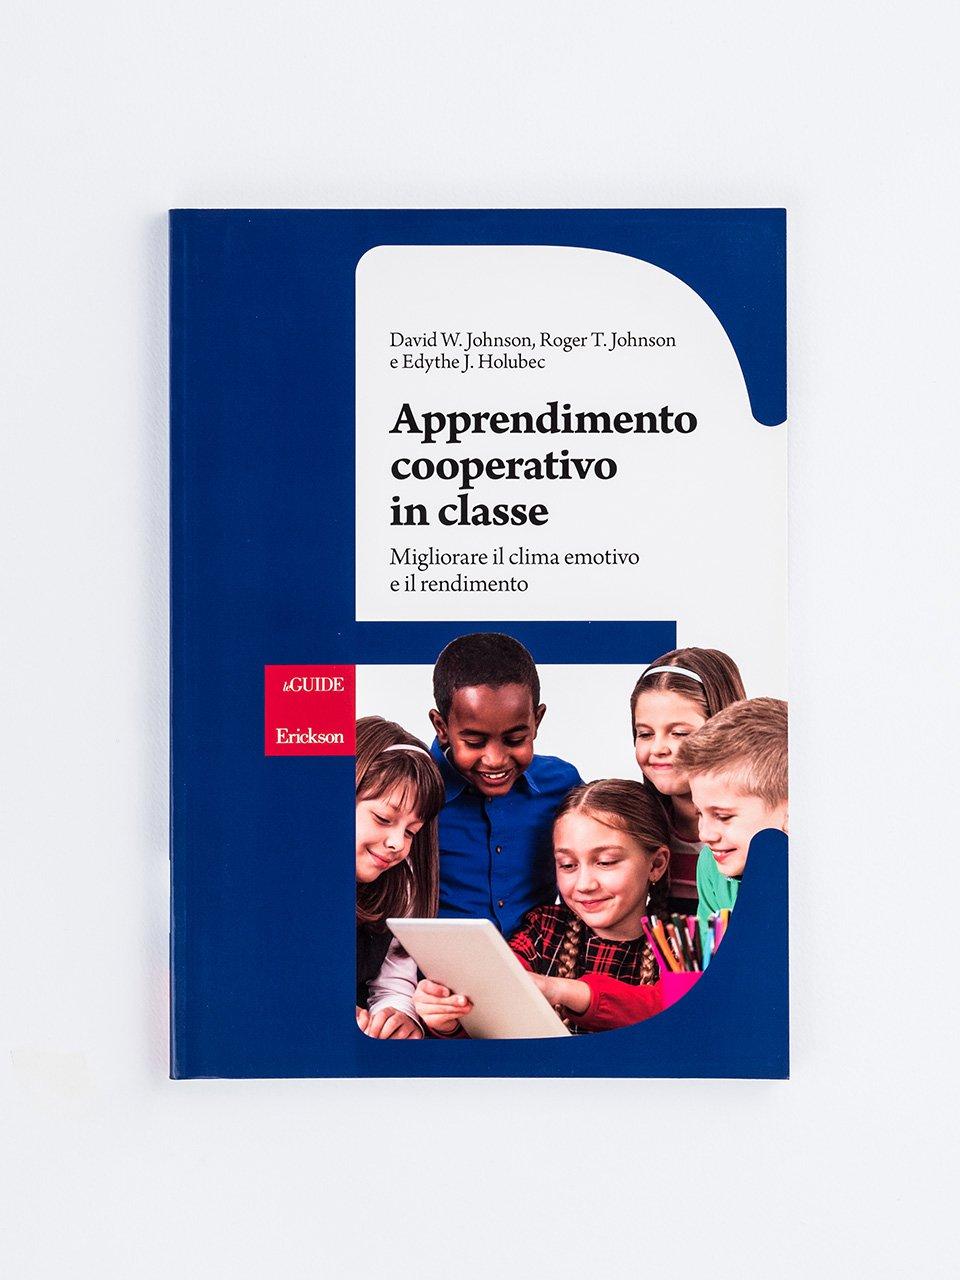 Apprendimento cooperativo in classe - 99 idee per fare esercizi in classe - Libri - Erickson